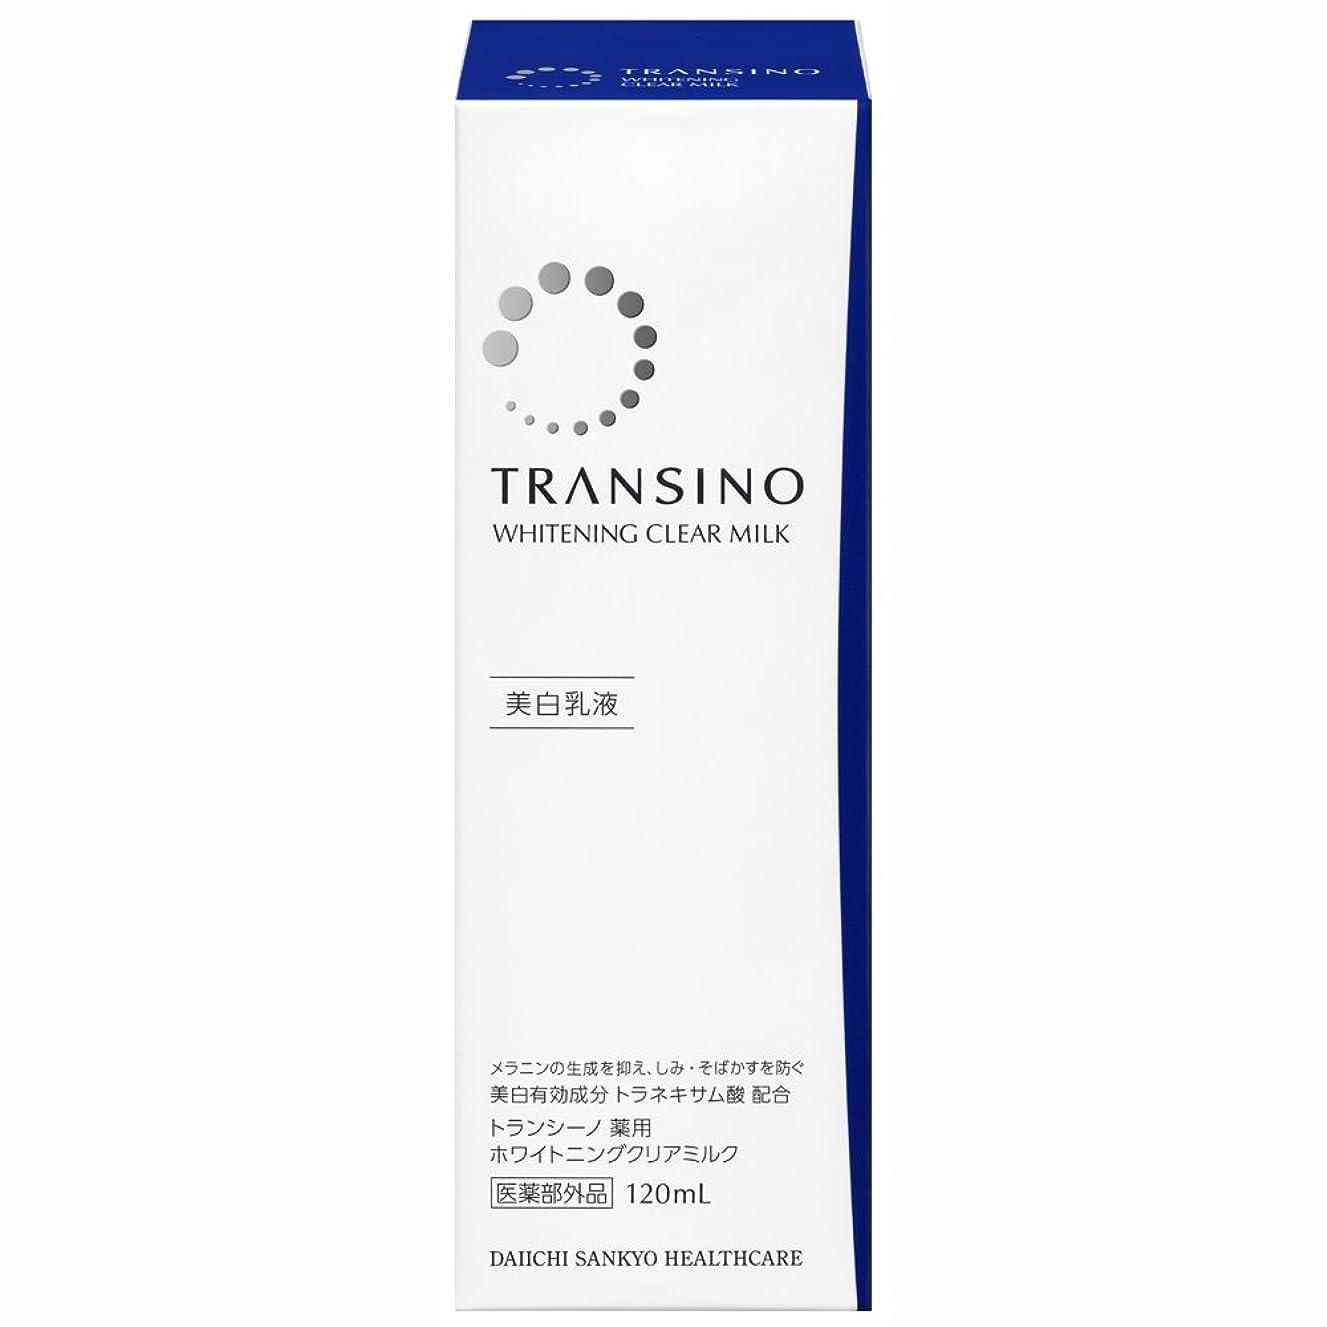 スイ共感するバング第一三共ヘルスケア トランシーノ 薬用ホワイトニングクリアミルク 120mL 【医薬部外品】